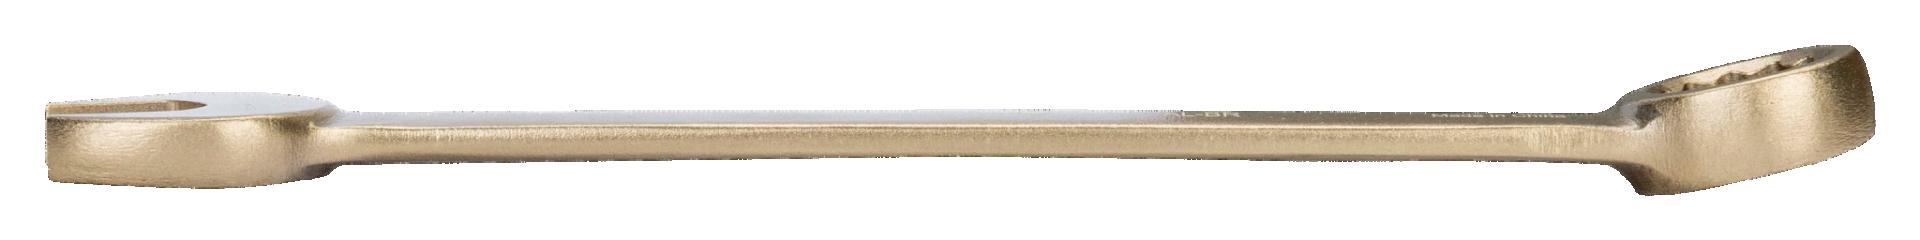 Klucz płasko-oczkowy nieiskrzący 18 mm Bahco (nr kat. NS002-18)